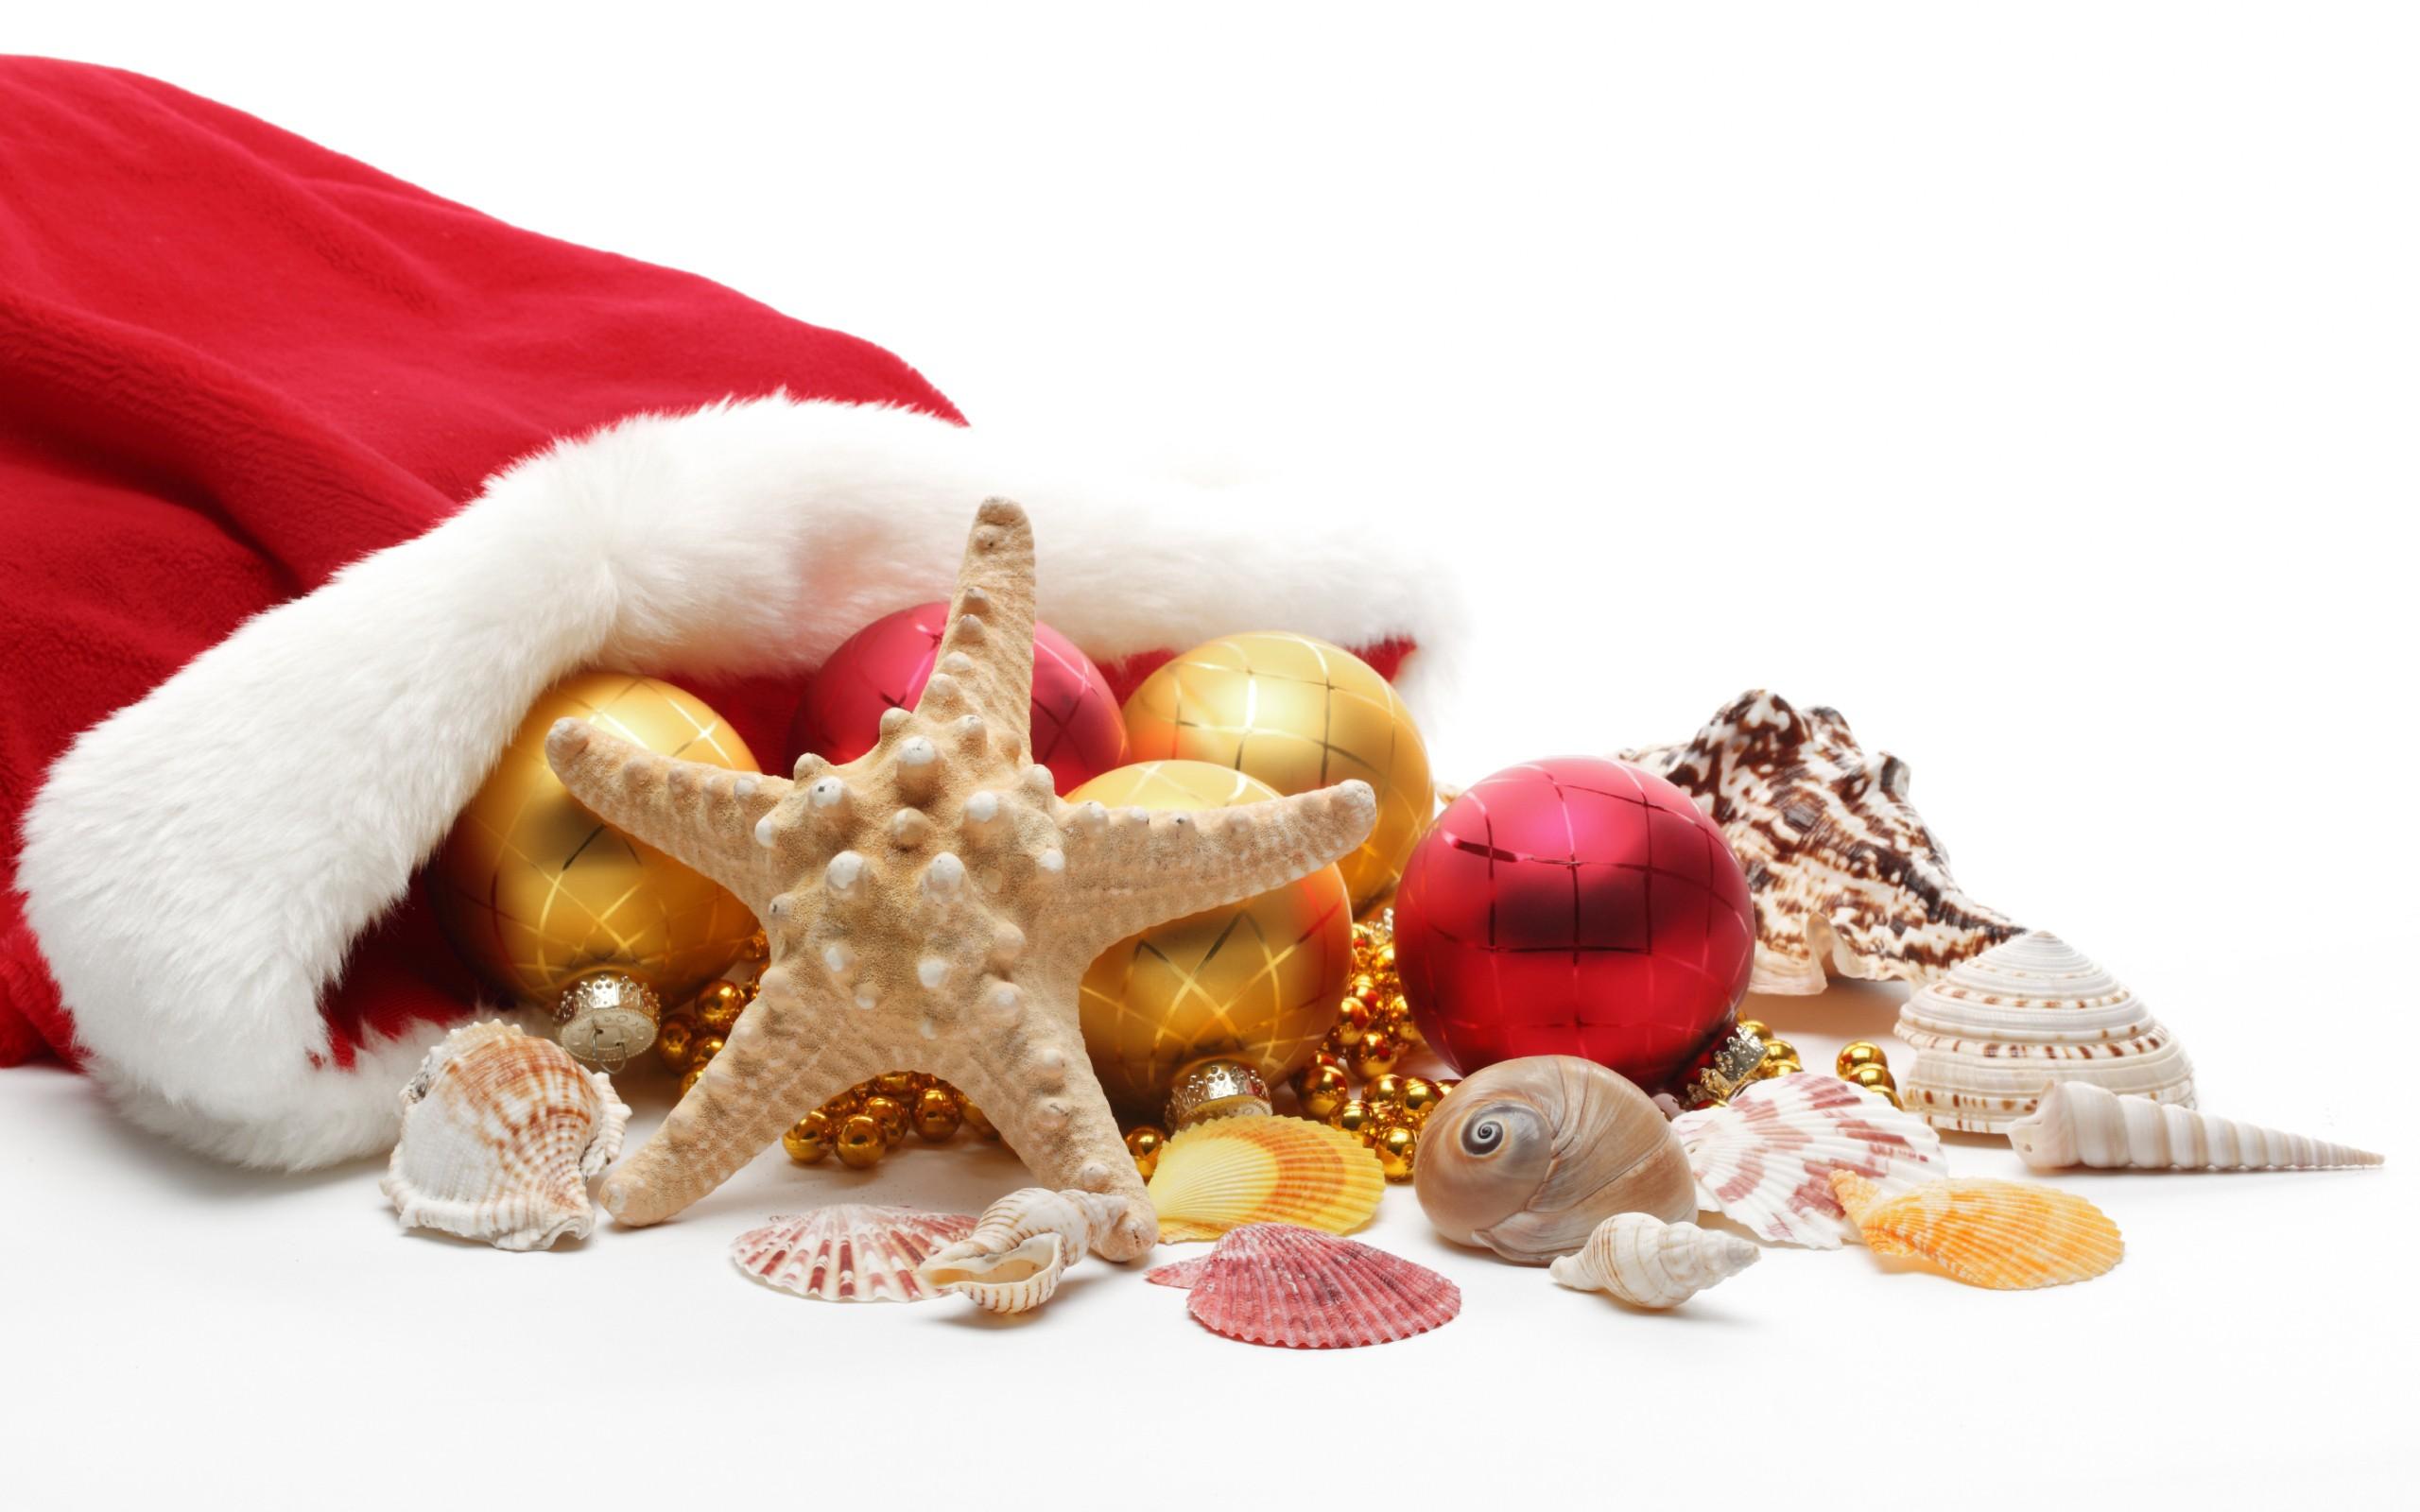 Pequeños regalos navidad - 2560x1600